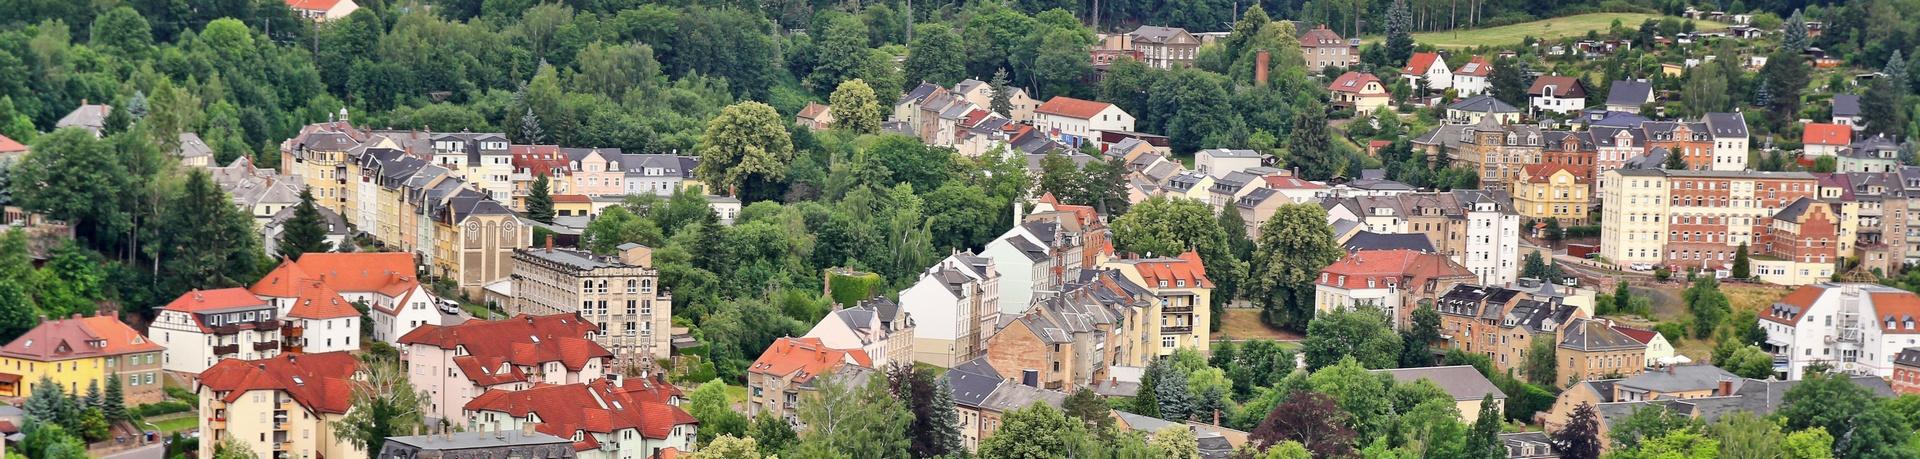 Waldheim Weststadt